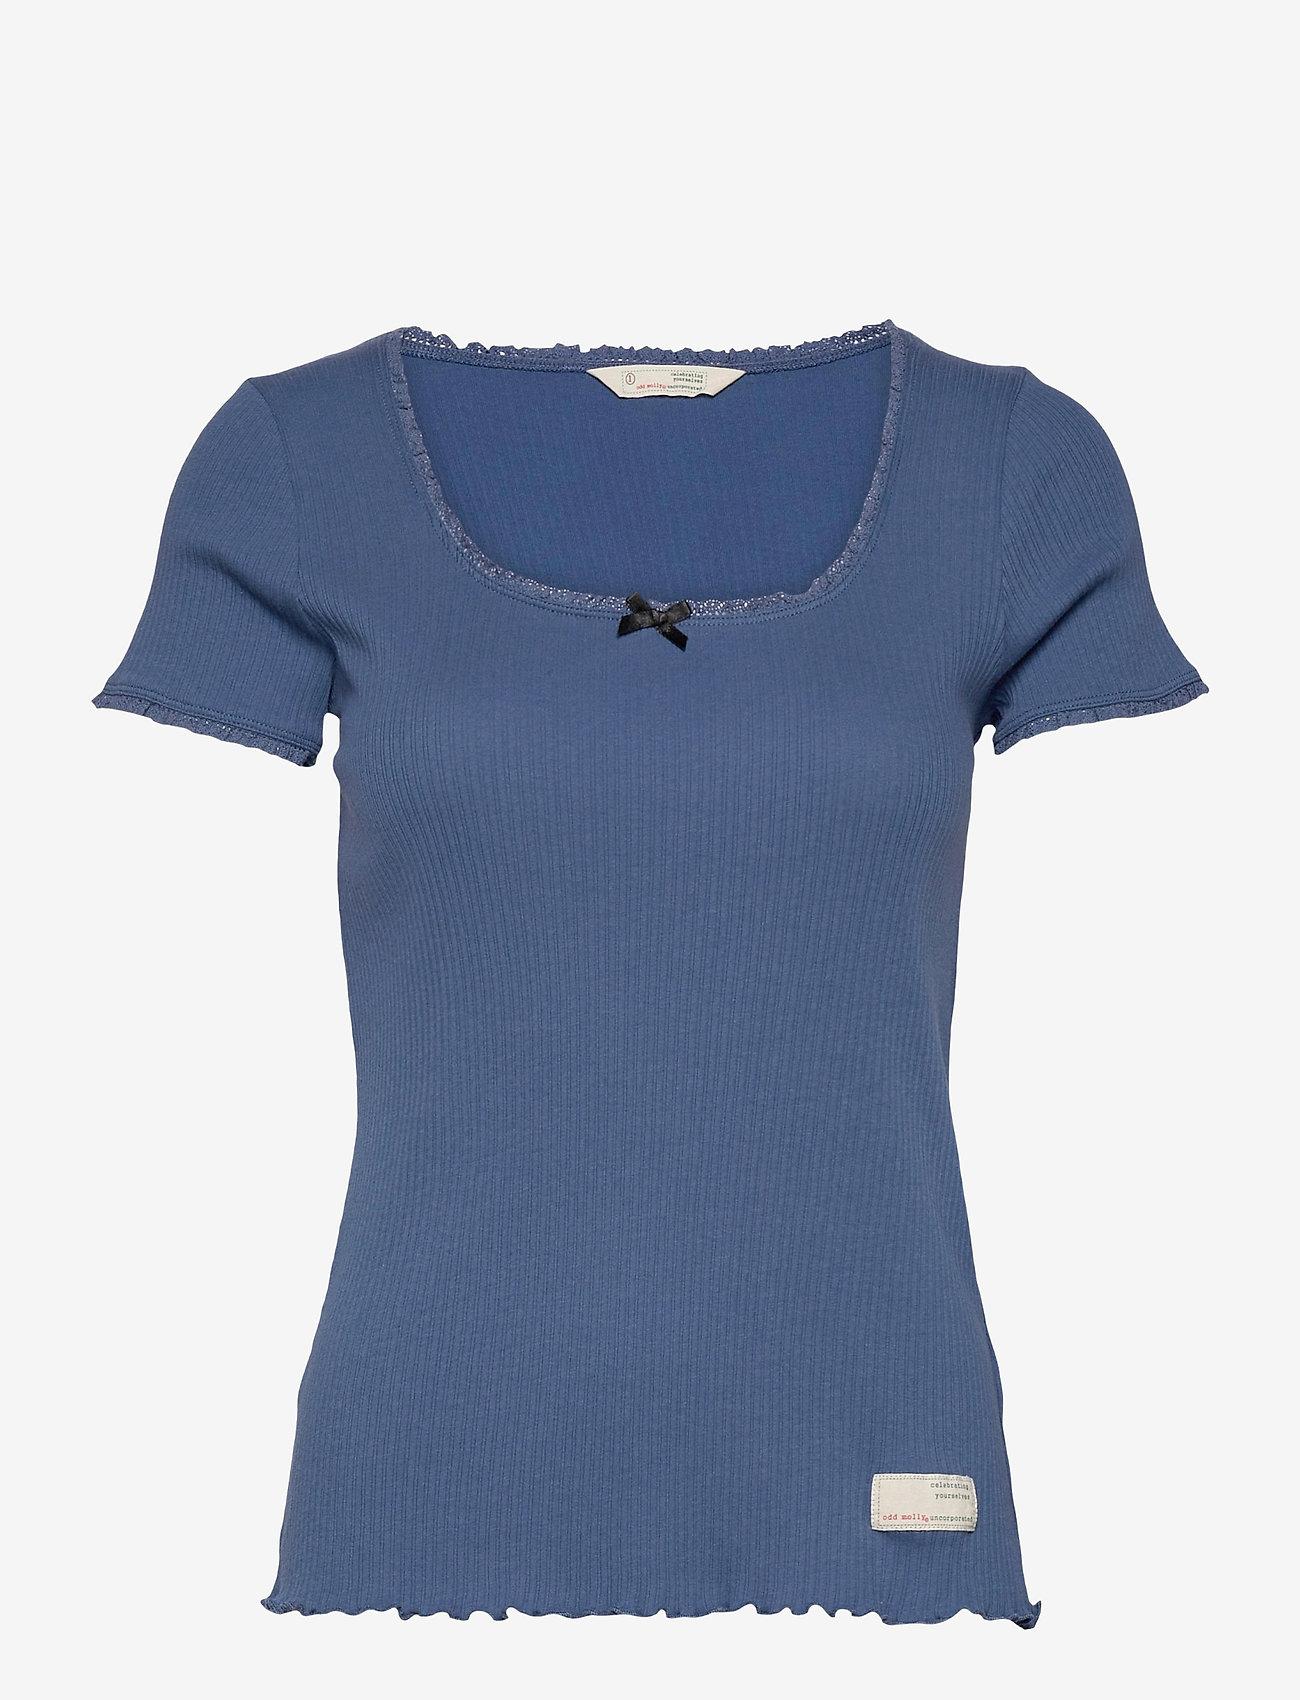 ODD MOLLY - Magda Top - t-shirts - navy - 1